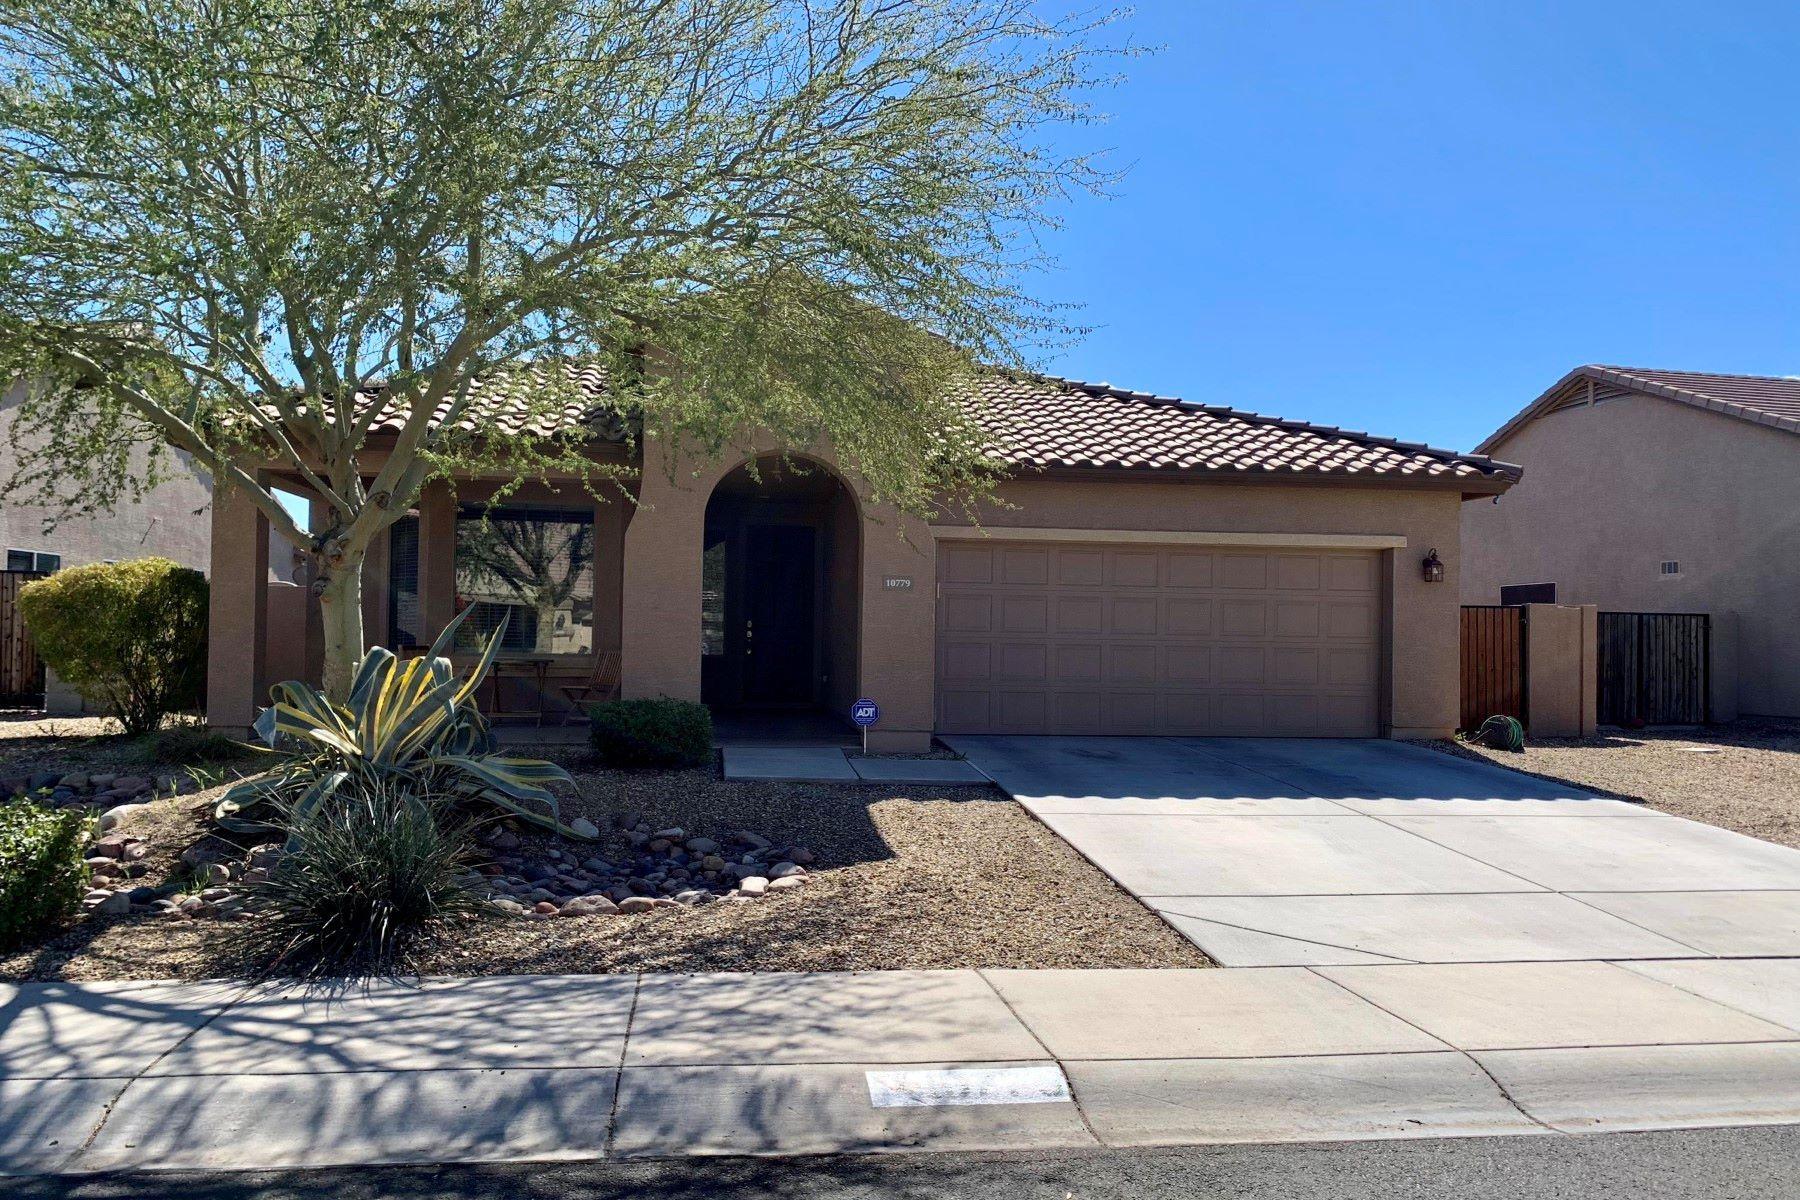 Single Family Homes for Sale at Roosevelt Park 10779 W WASHINGTON ST Avondale, Arizona 85323 United States